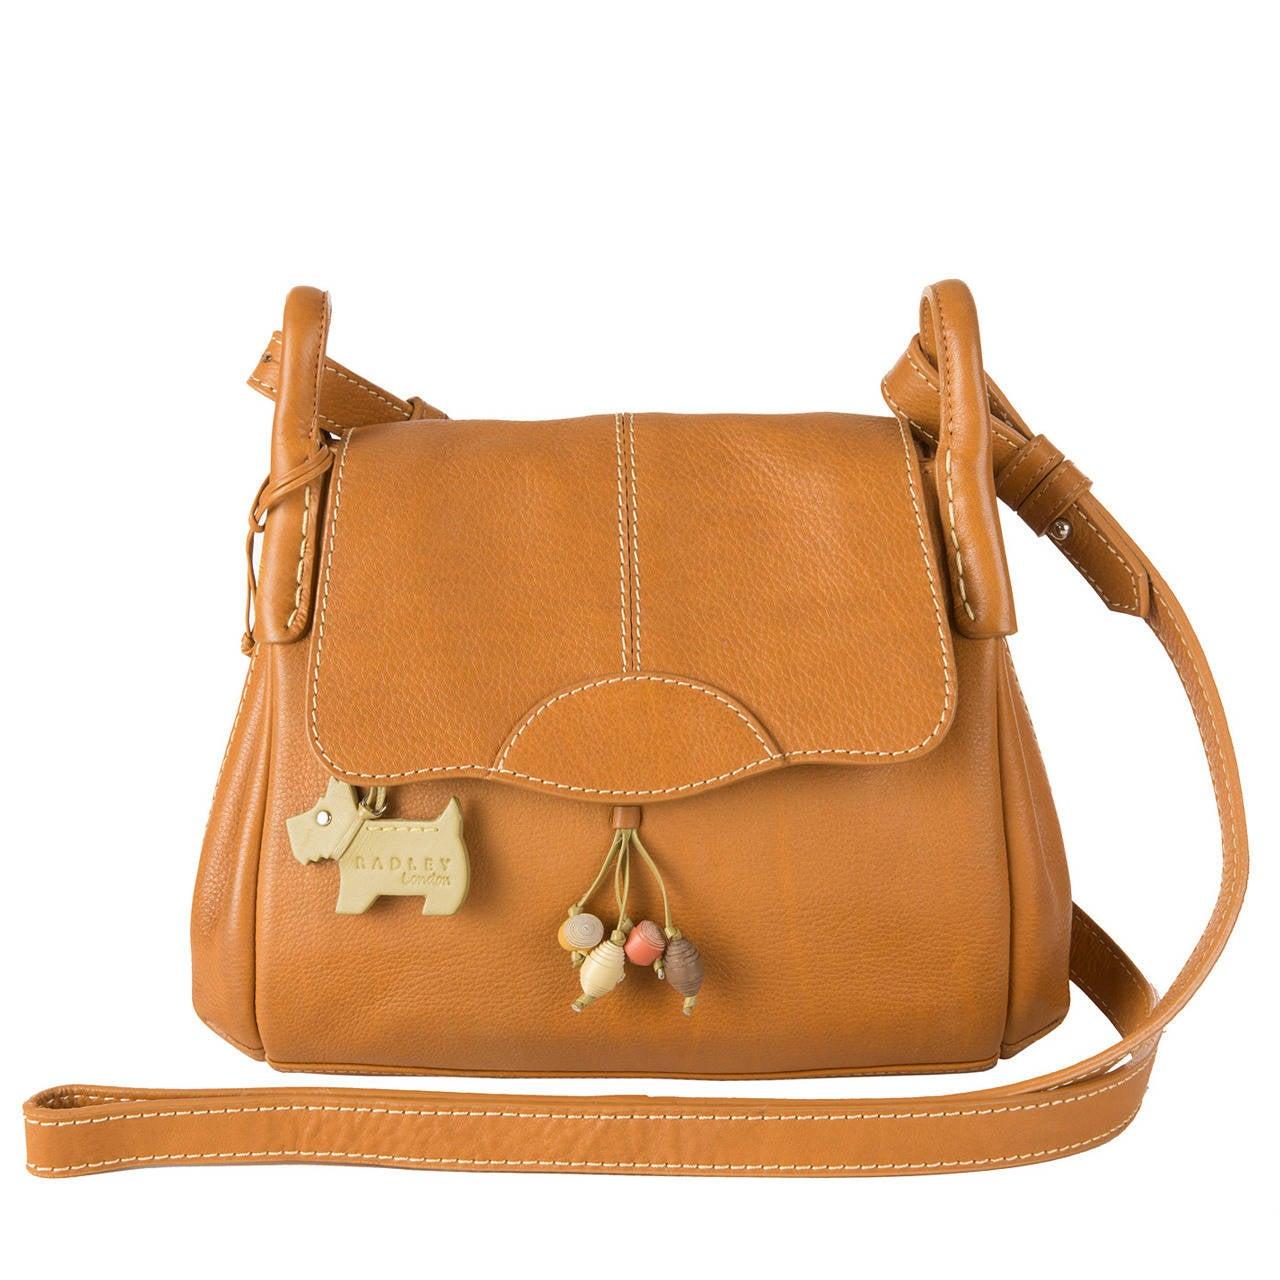 Radley Black Tiled Dog Shoulder Bag 25